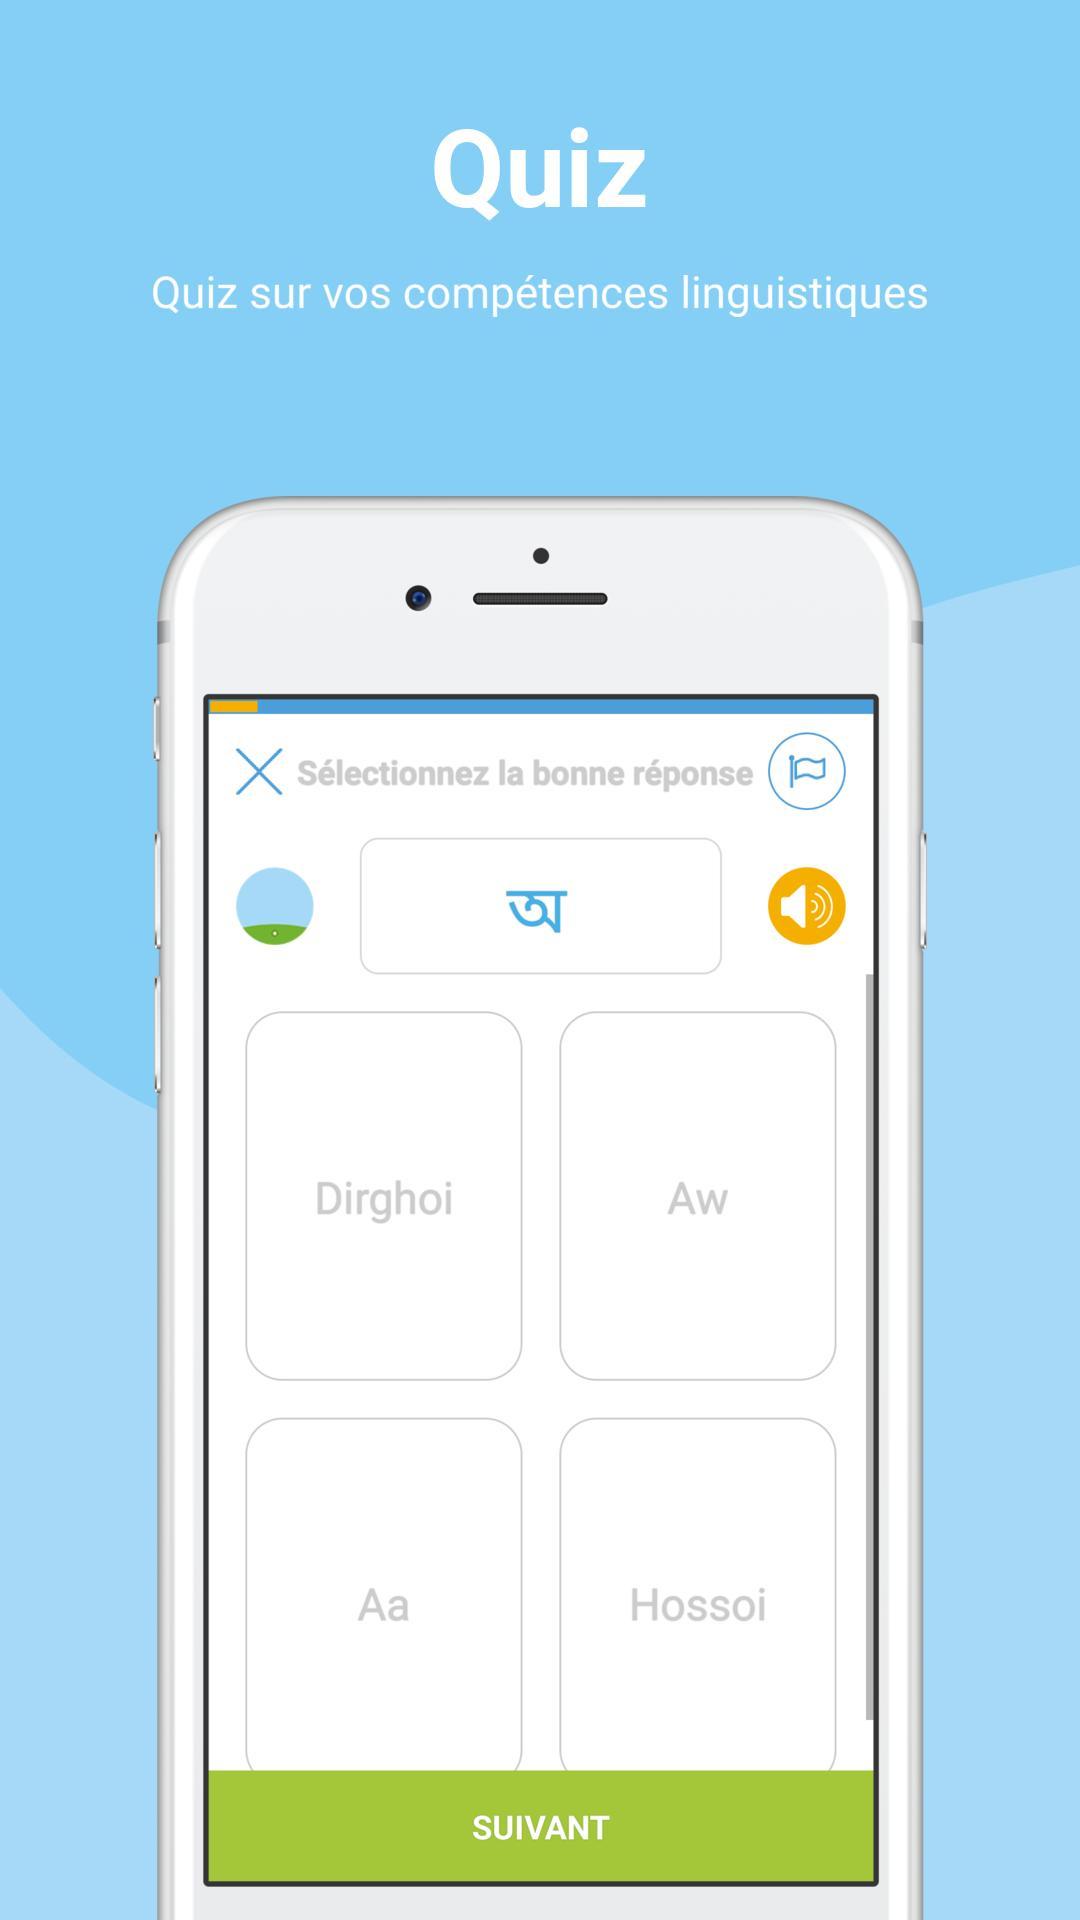 Apprendre À Écrire L'alphabet Bengali Pour Android intérieur Apprendre À Écrire L Alphabet